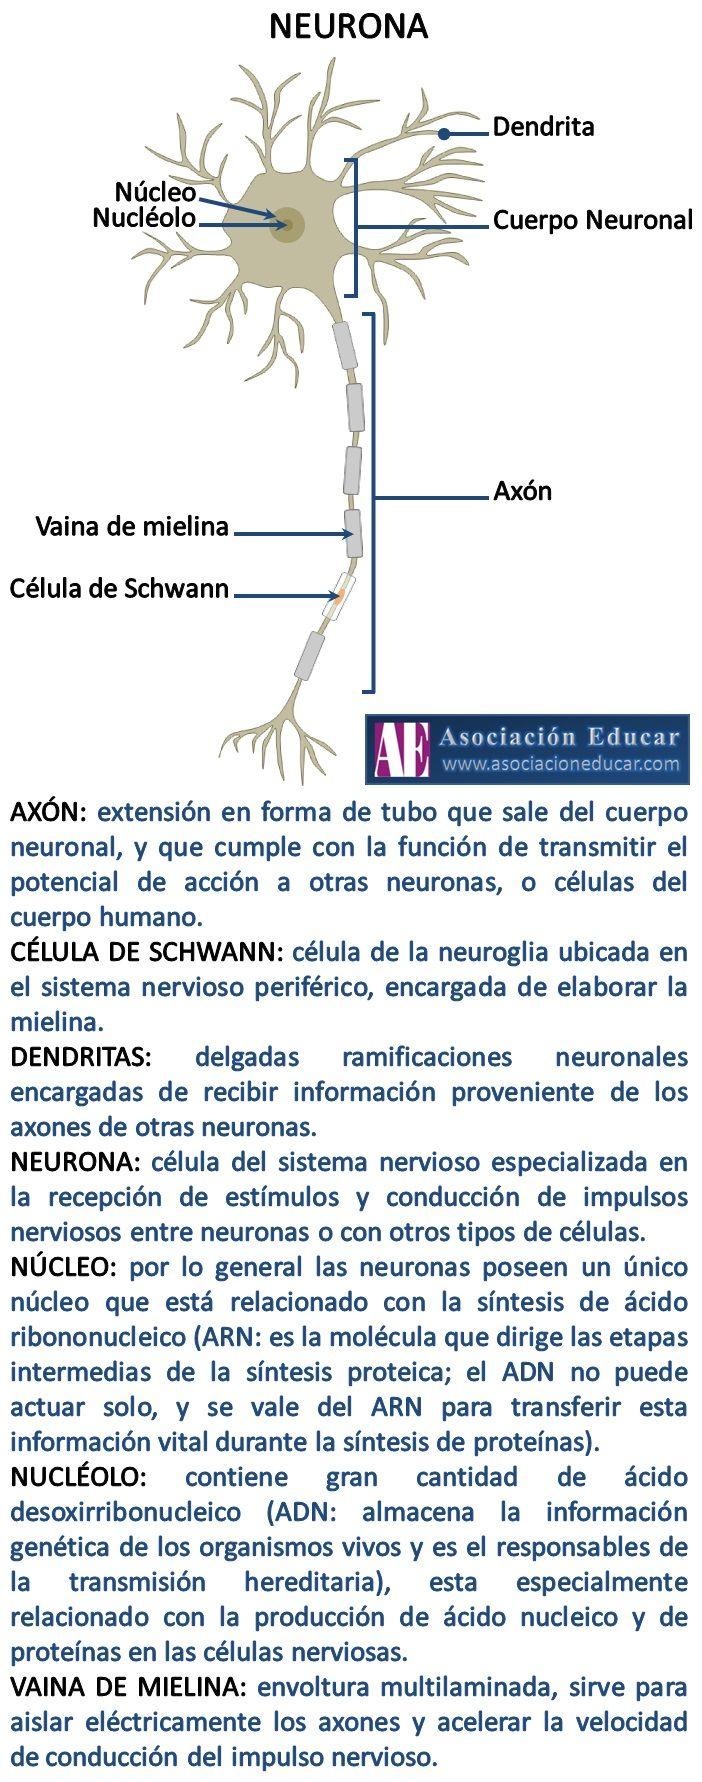 Infografía Neurociencias: Axón; Célula de Schwann; Dendritas; Núcleo; Nucléolo; Vaina de mielina. | Asociación Educar